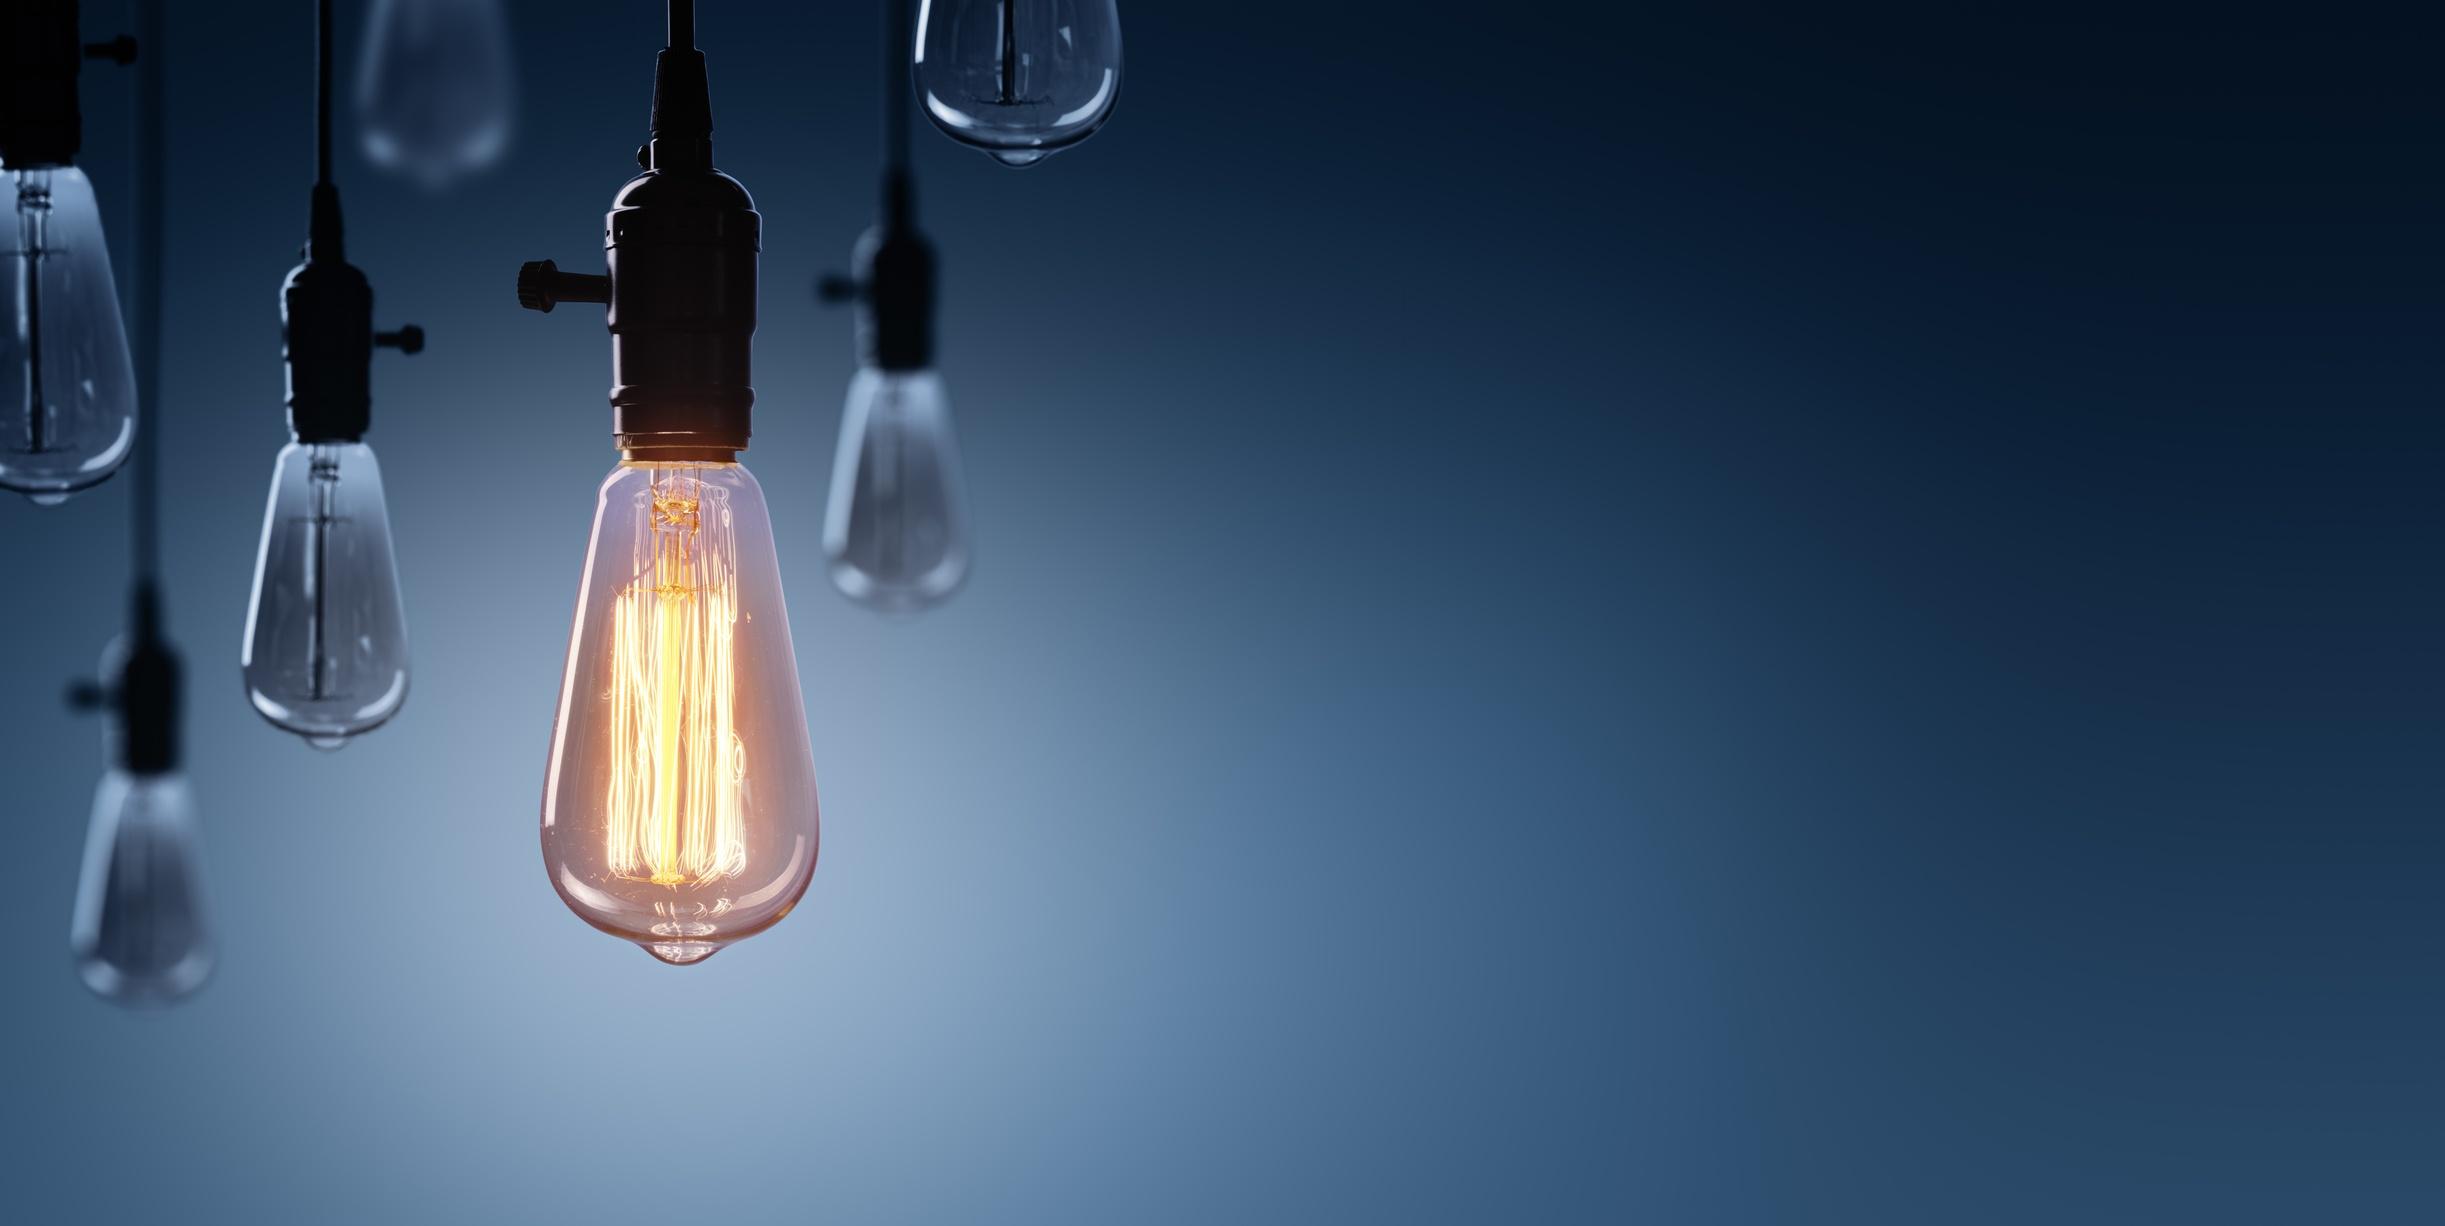 lit-lightbulb-cluster